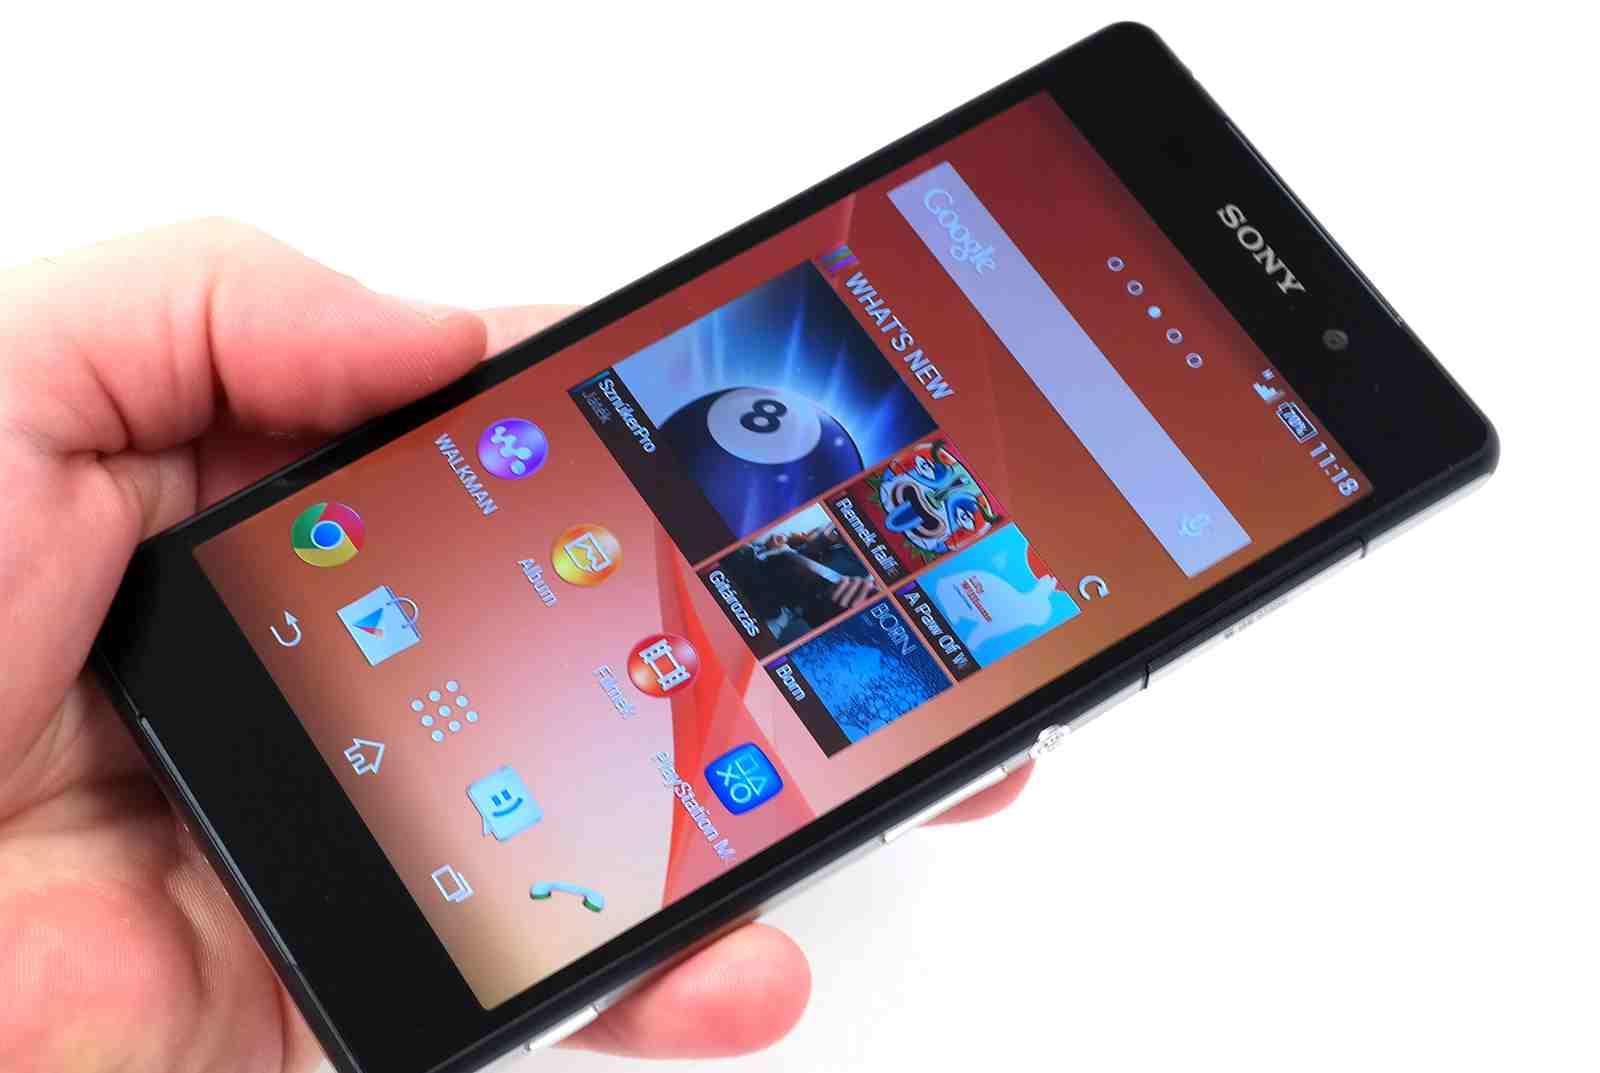 Sony Xperia Z2 die Weiterentwicklung des Xperia Z1 mit 4k-Video-Kamera